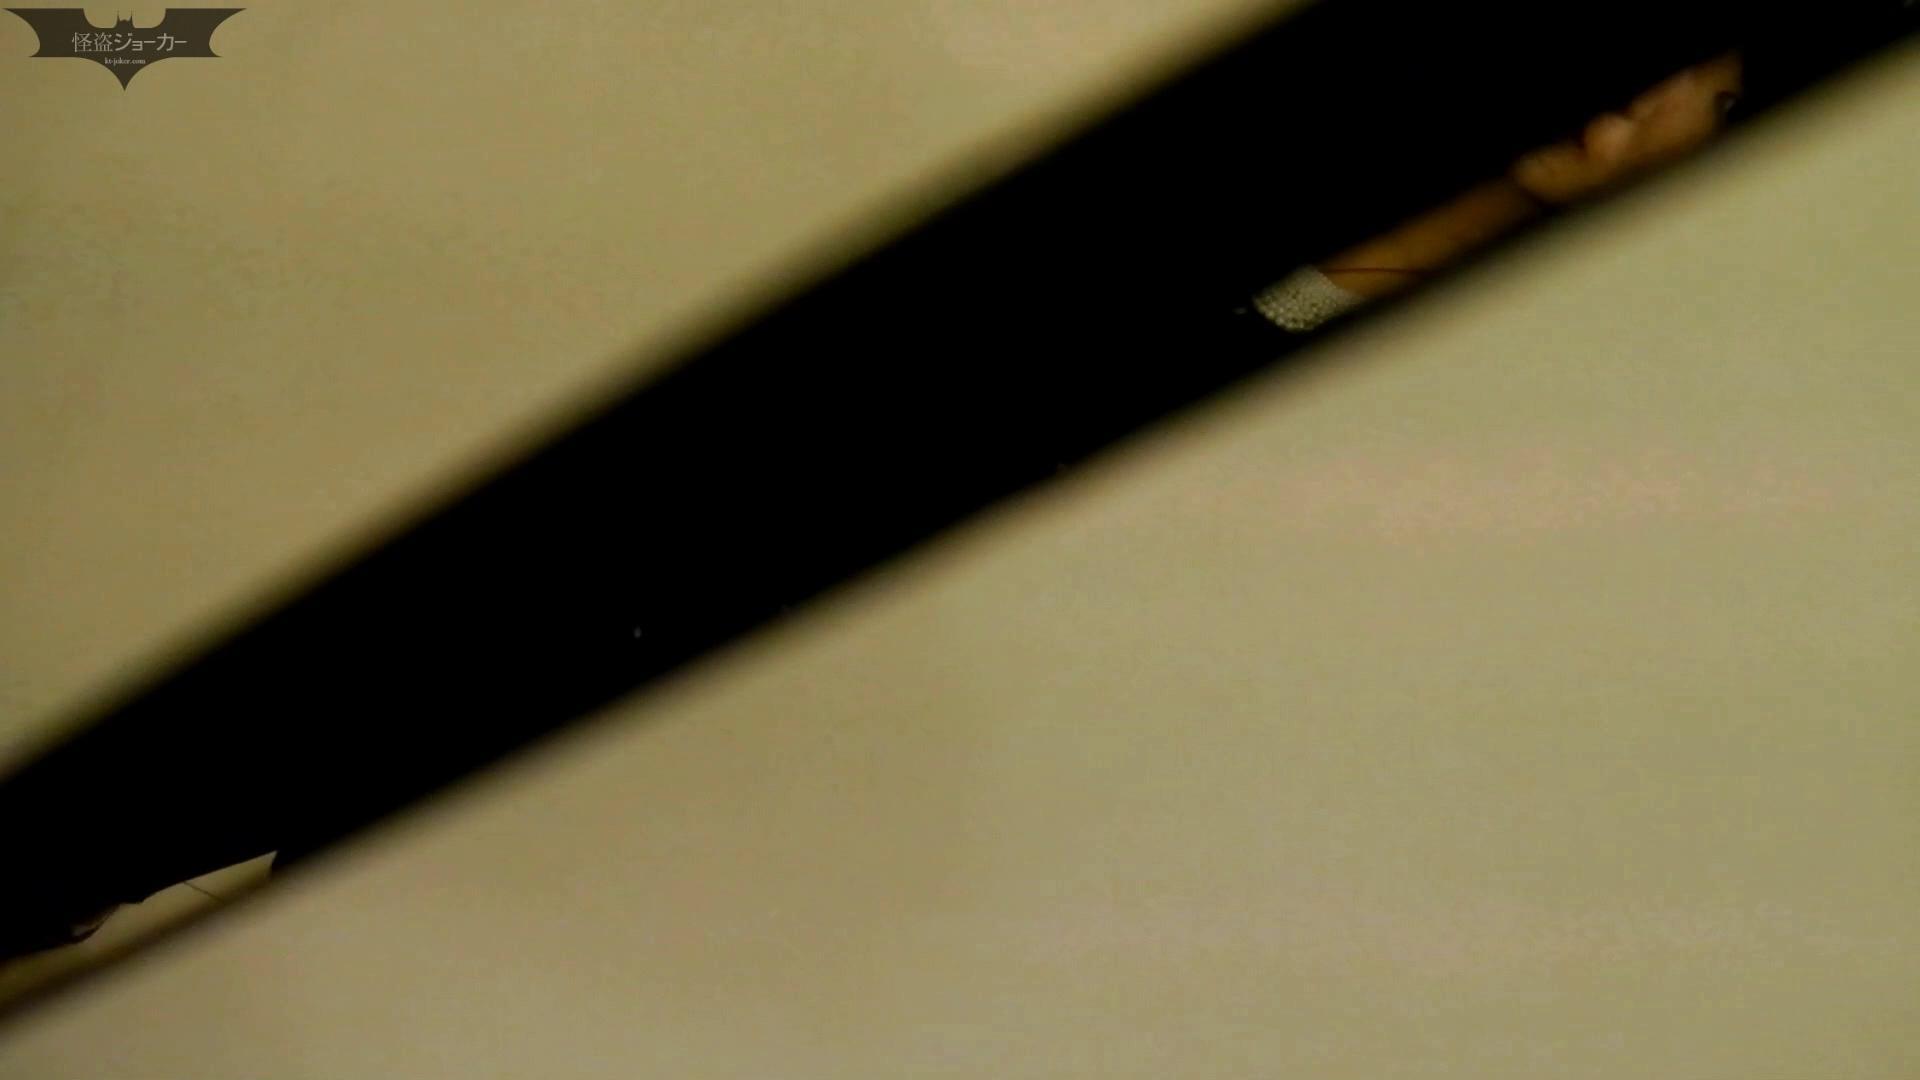 新世界の射窓 No56 ターゲットは「美女」 美女のボディ  81PIX 32